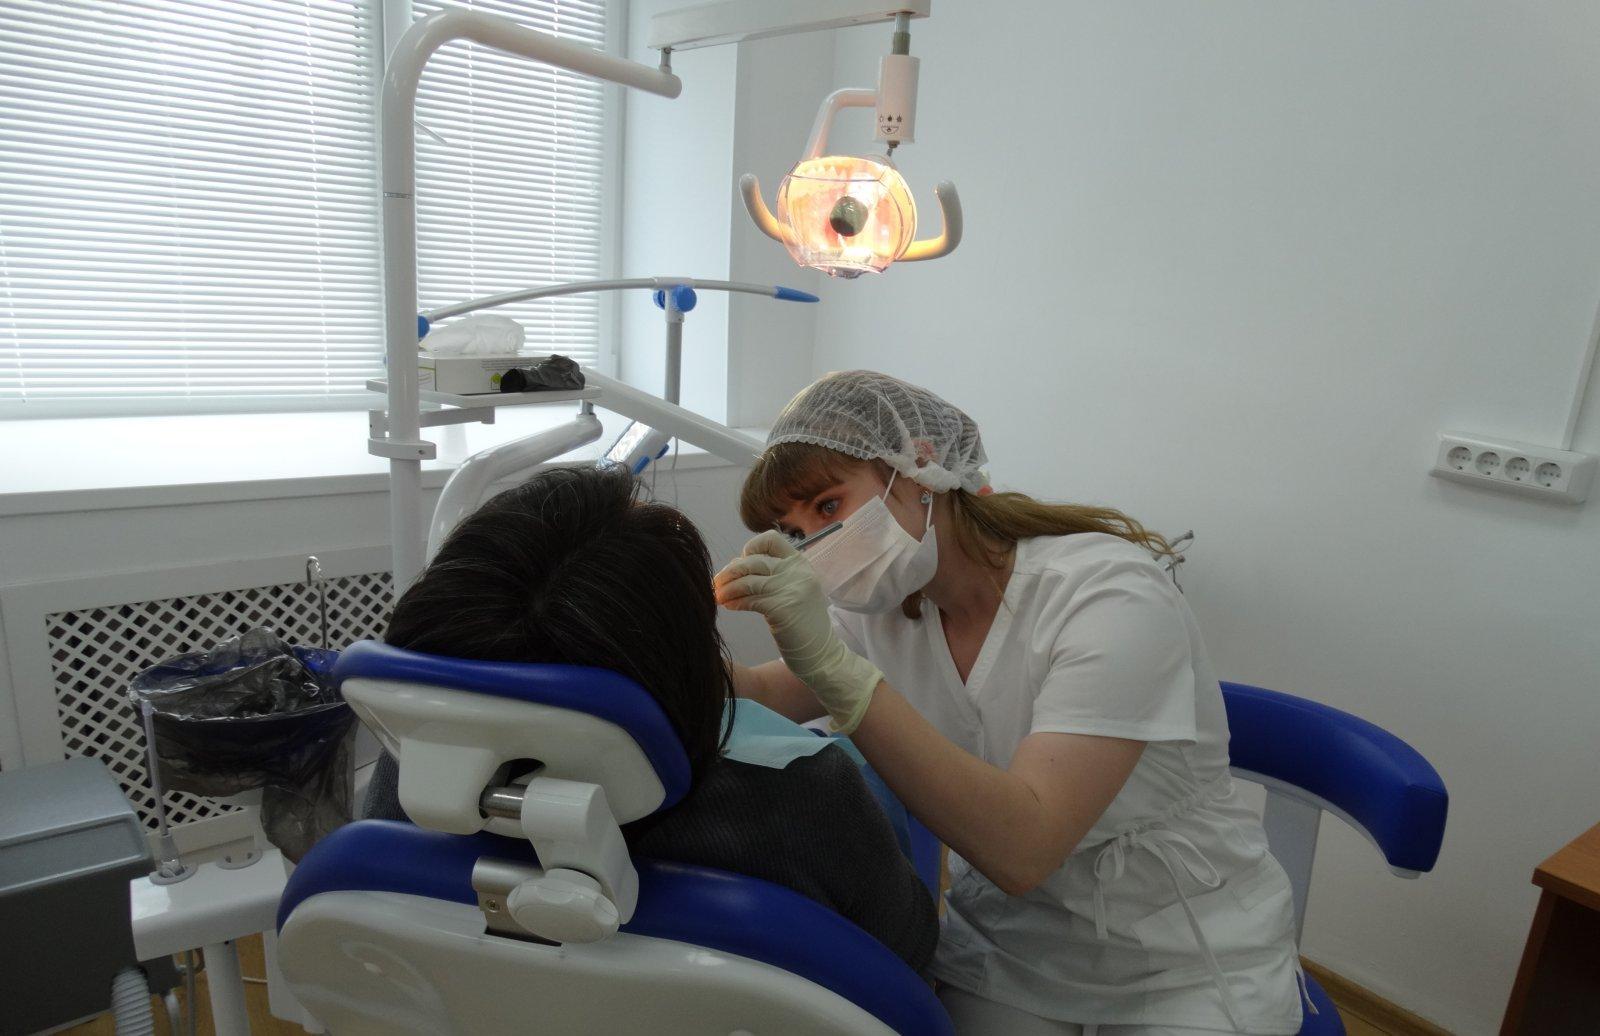 Стоматологічне відділення березанської лікарні переходить на госпрозрахунок -  - 2392537311108577 d4e7